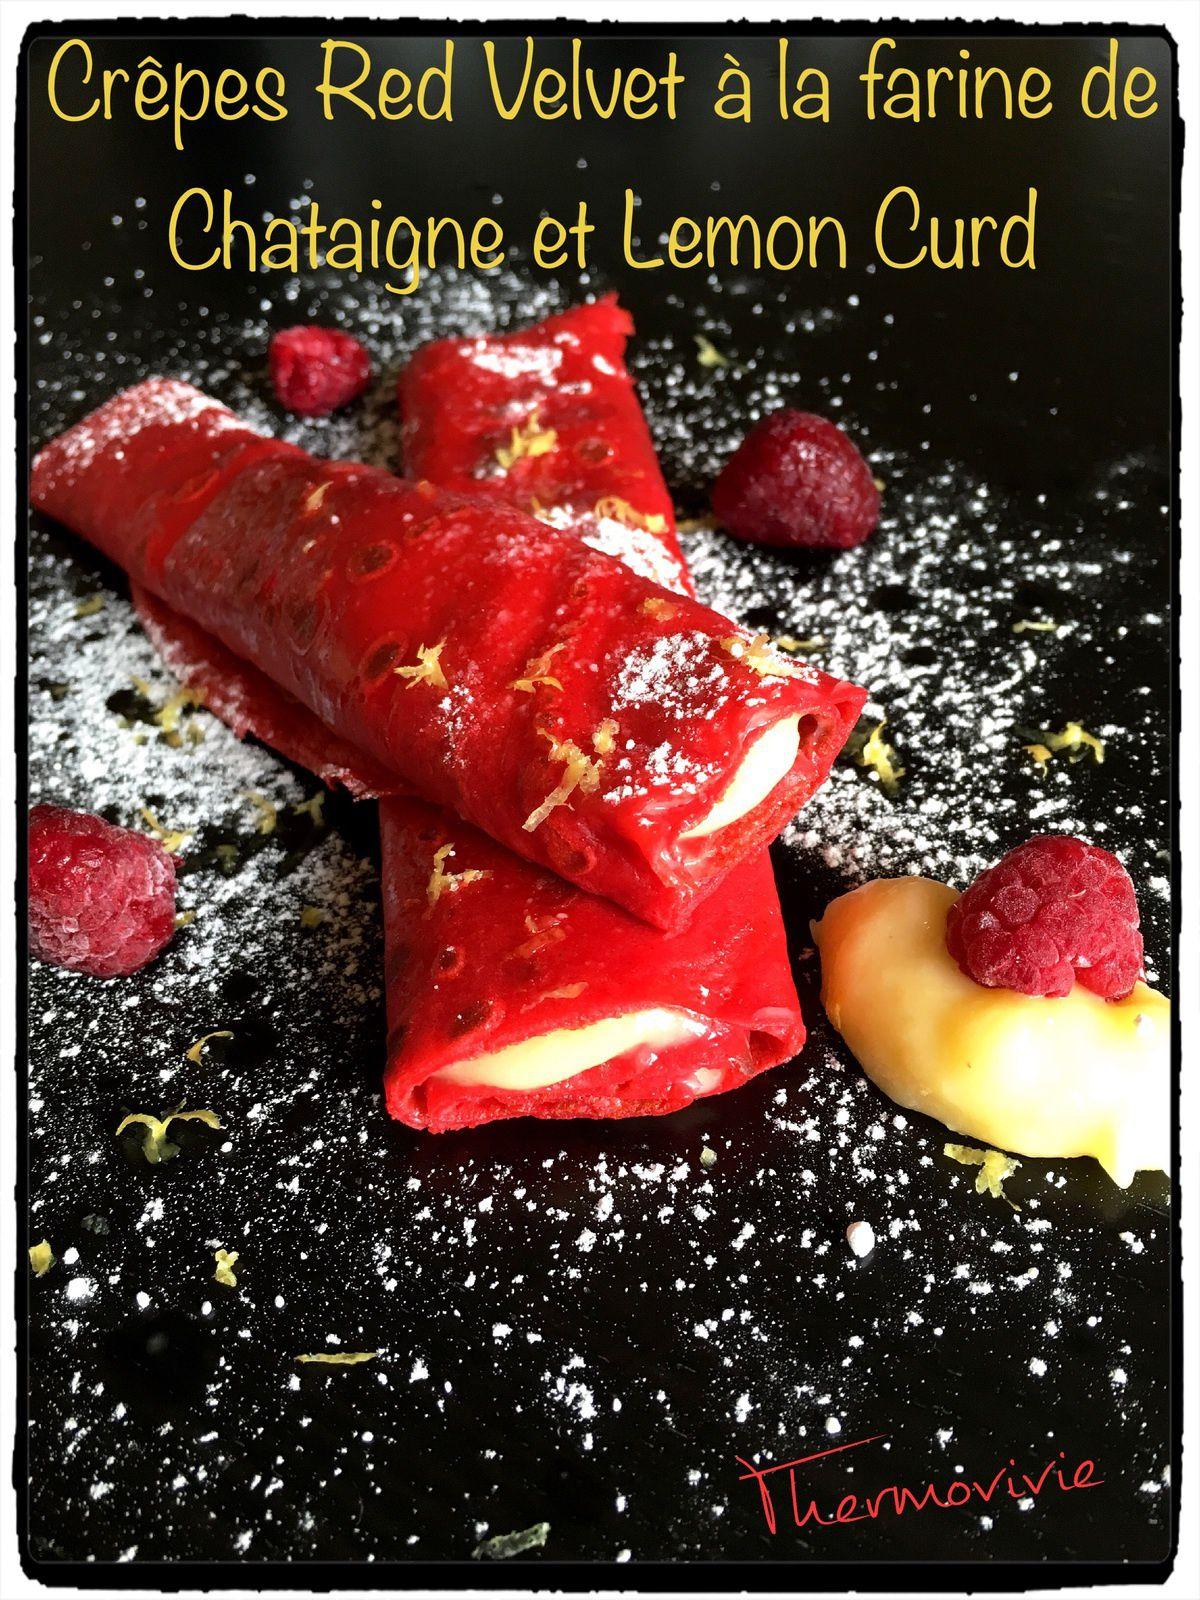 Crêpes Red Velvet à la farine de châtaigne et Lemon Curd